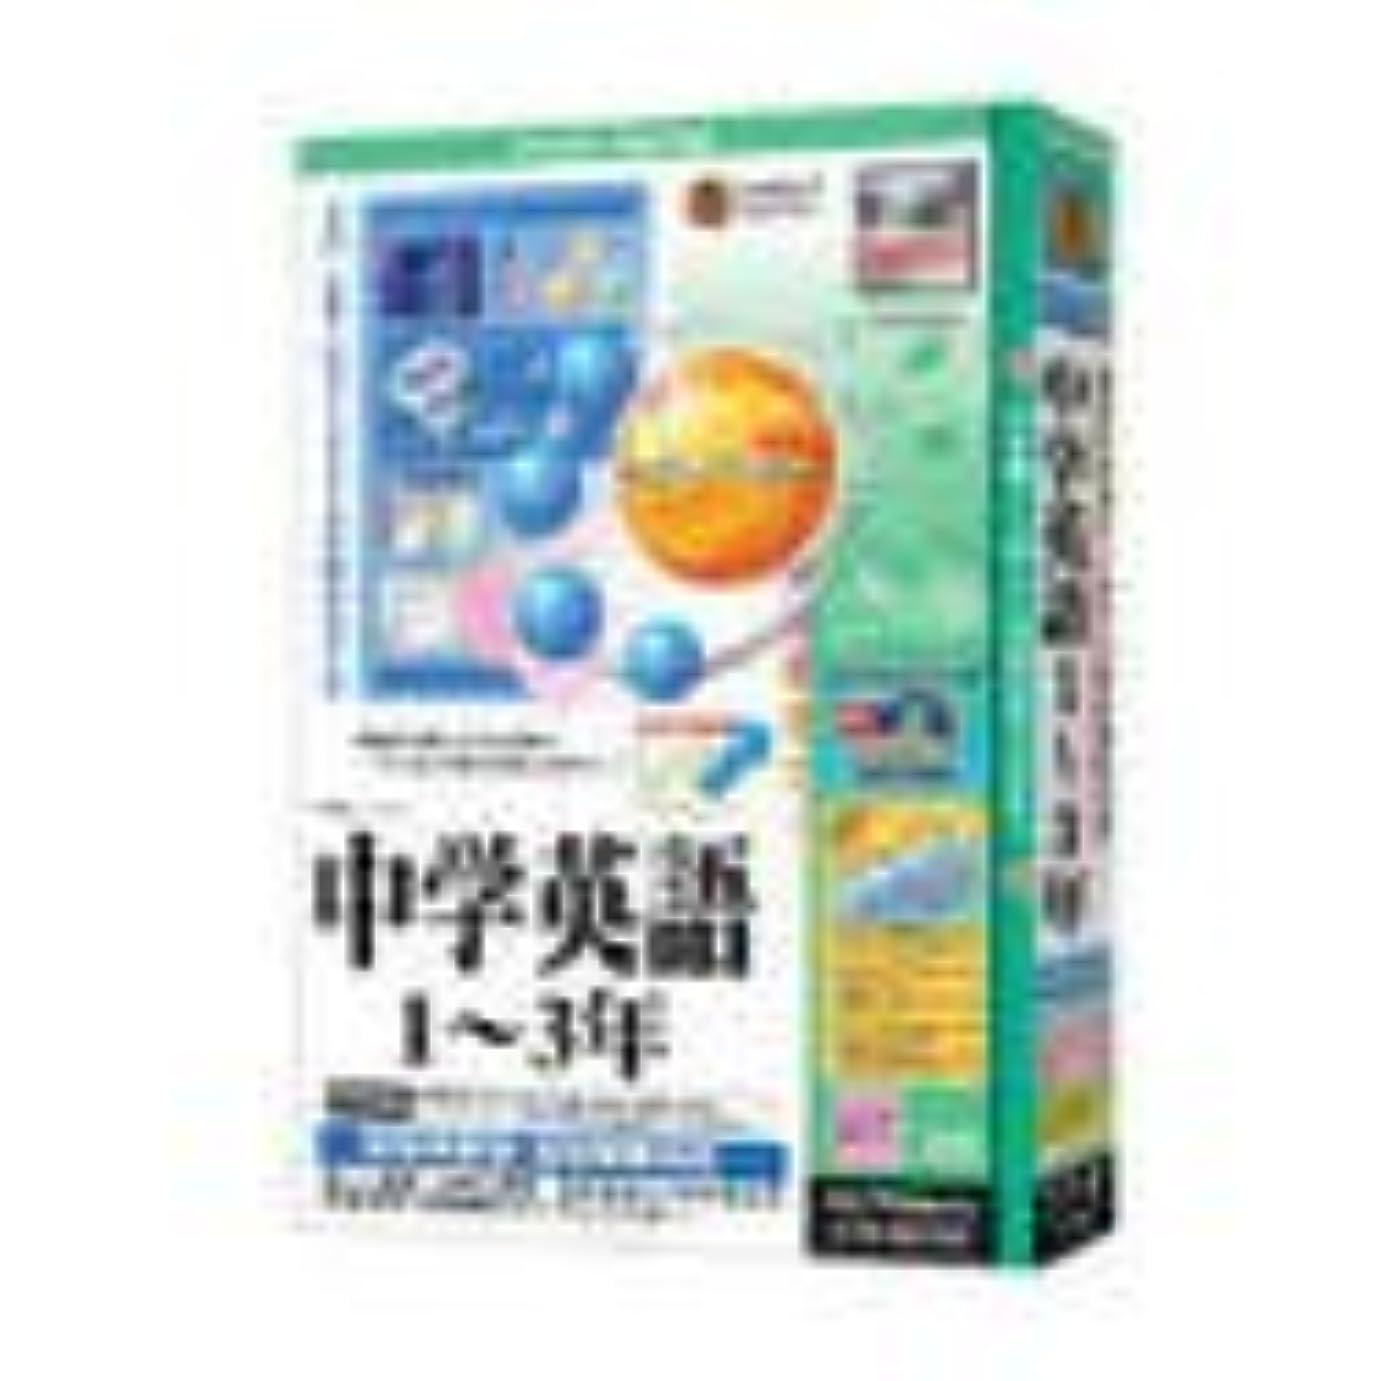 別れる細いアルコーブmedia5 Special Version 4 中学シリーズ 中学英語 1~3年